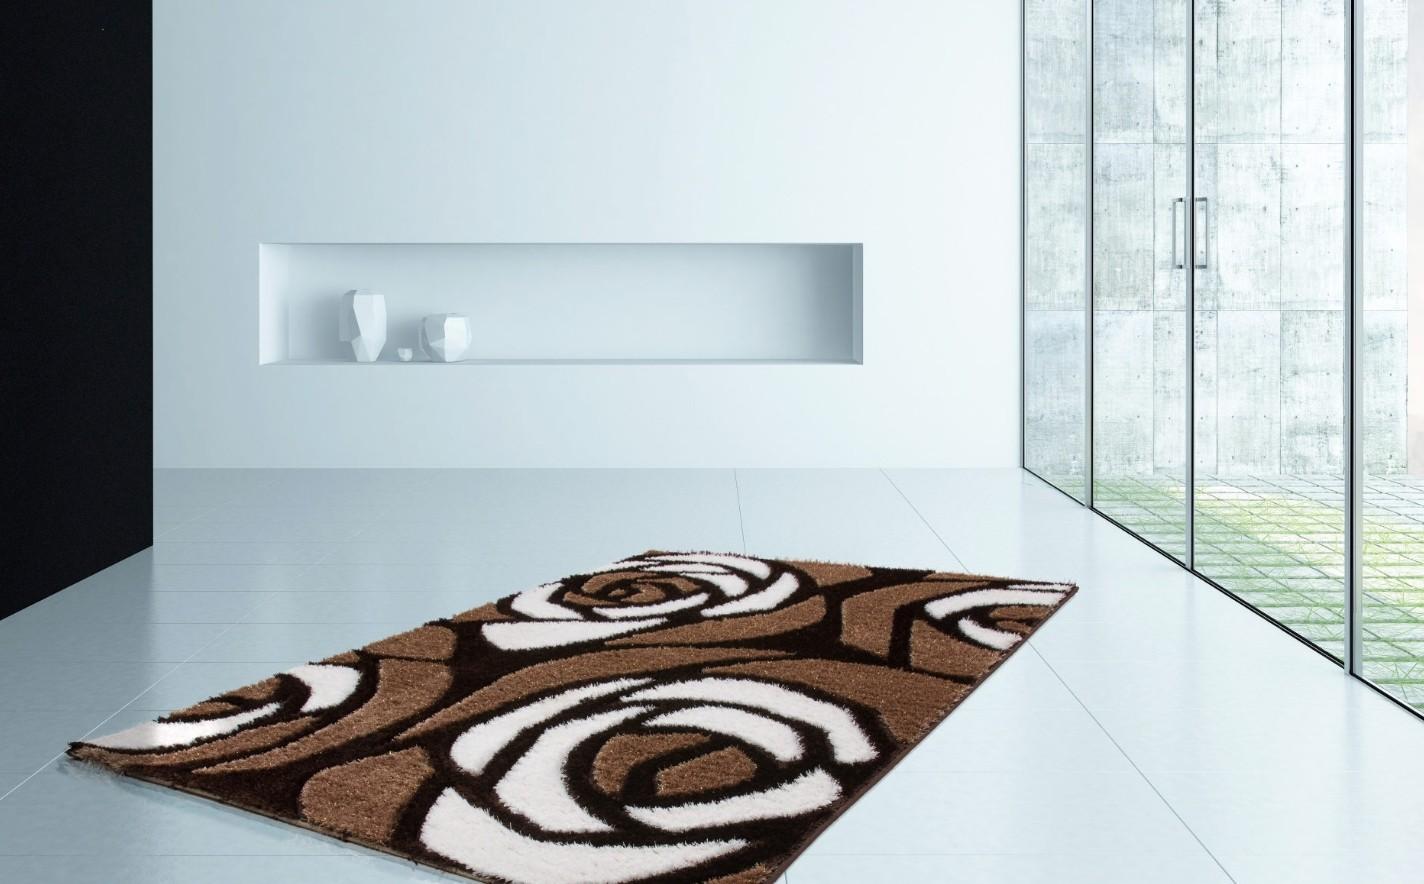 Tapis shaggy moderne pars m de lurex coloris marron beige - Tapis descente de lit pas cher ...